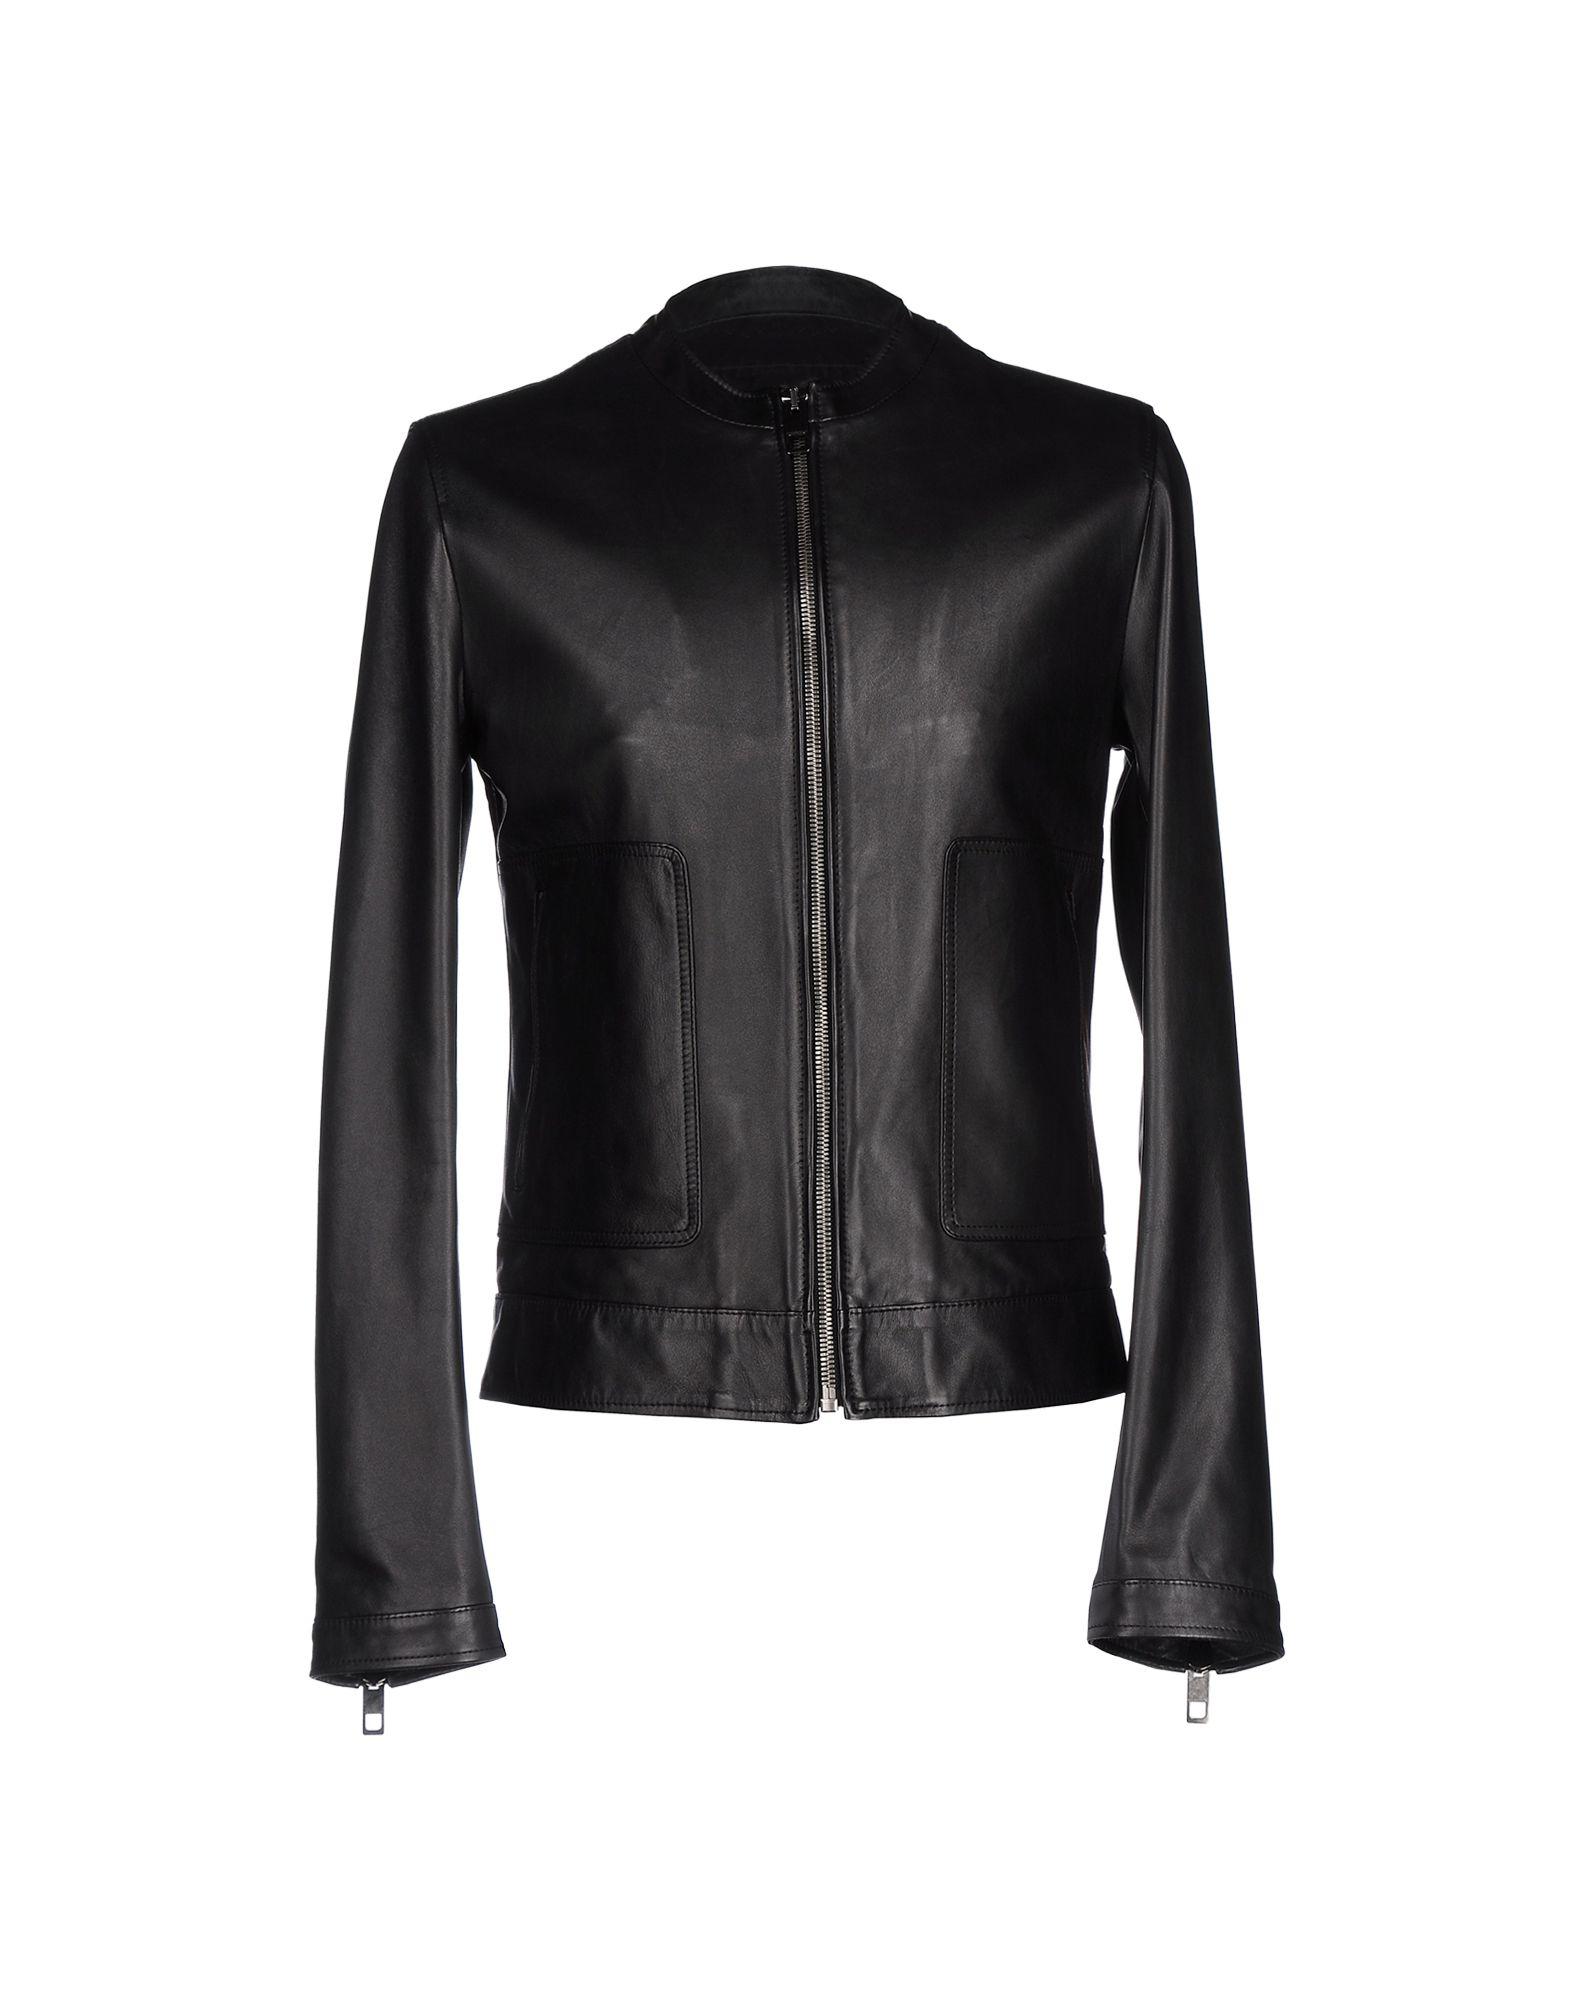 dolce gabbana jacket in black for men lyst. Black Bedroom Furniture Sets. Home Design Ideas